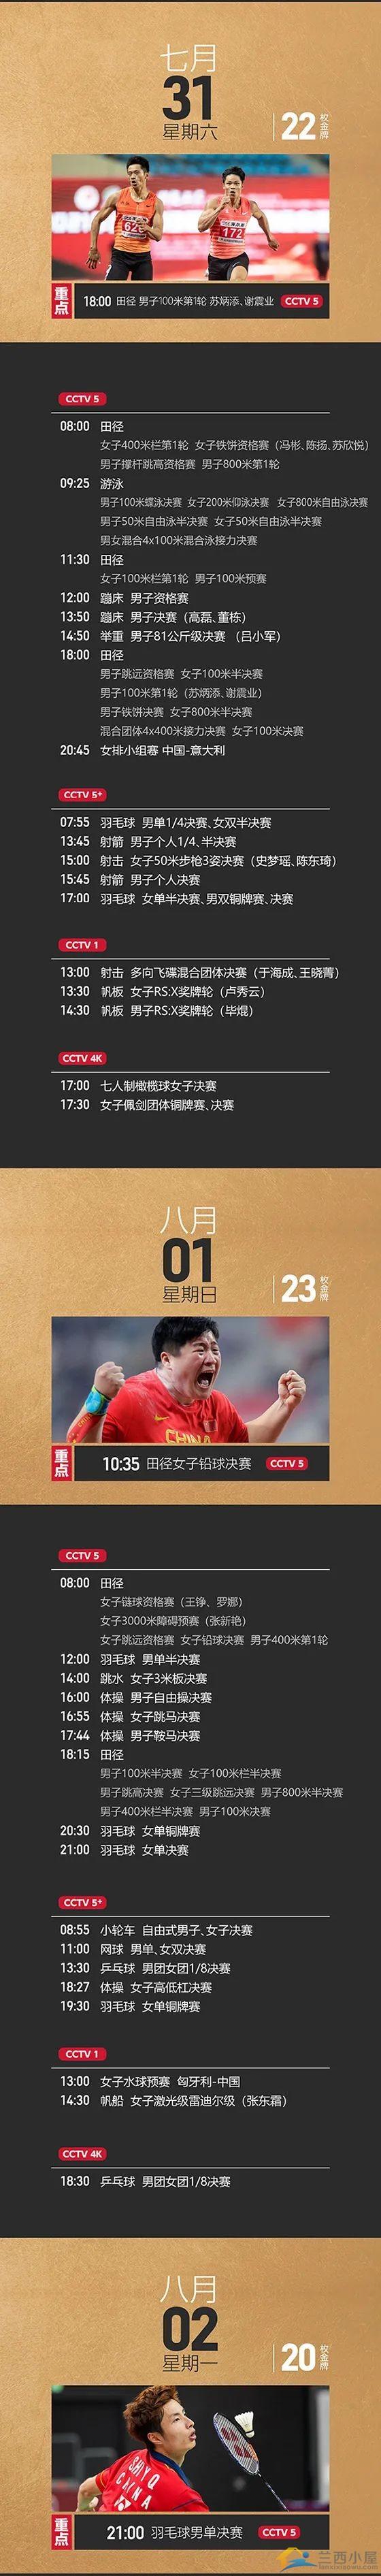 快收好!东京奥运会最全观赛指南来了-5.jpg